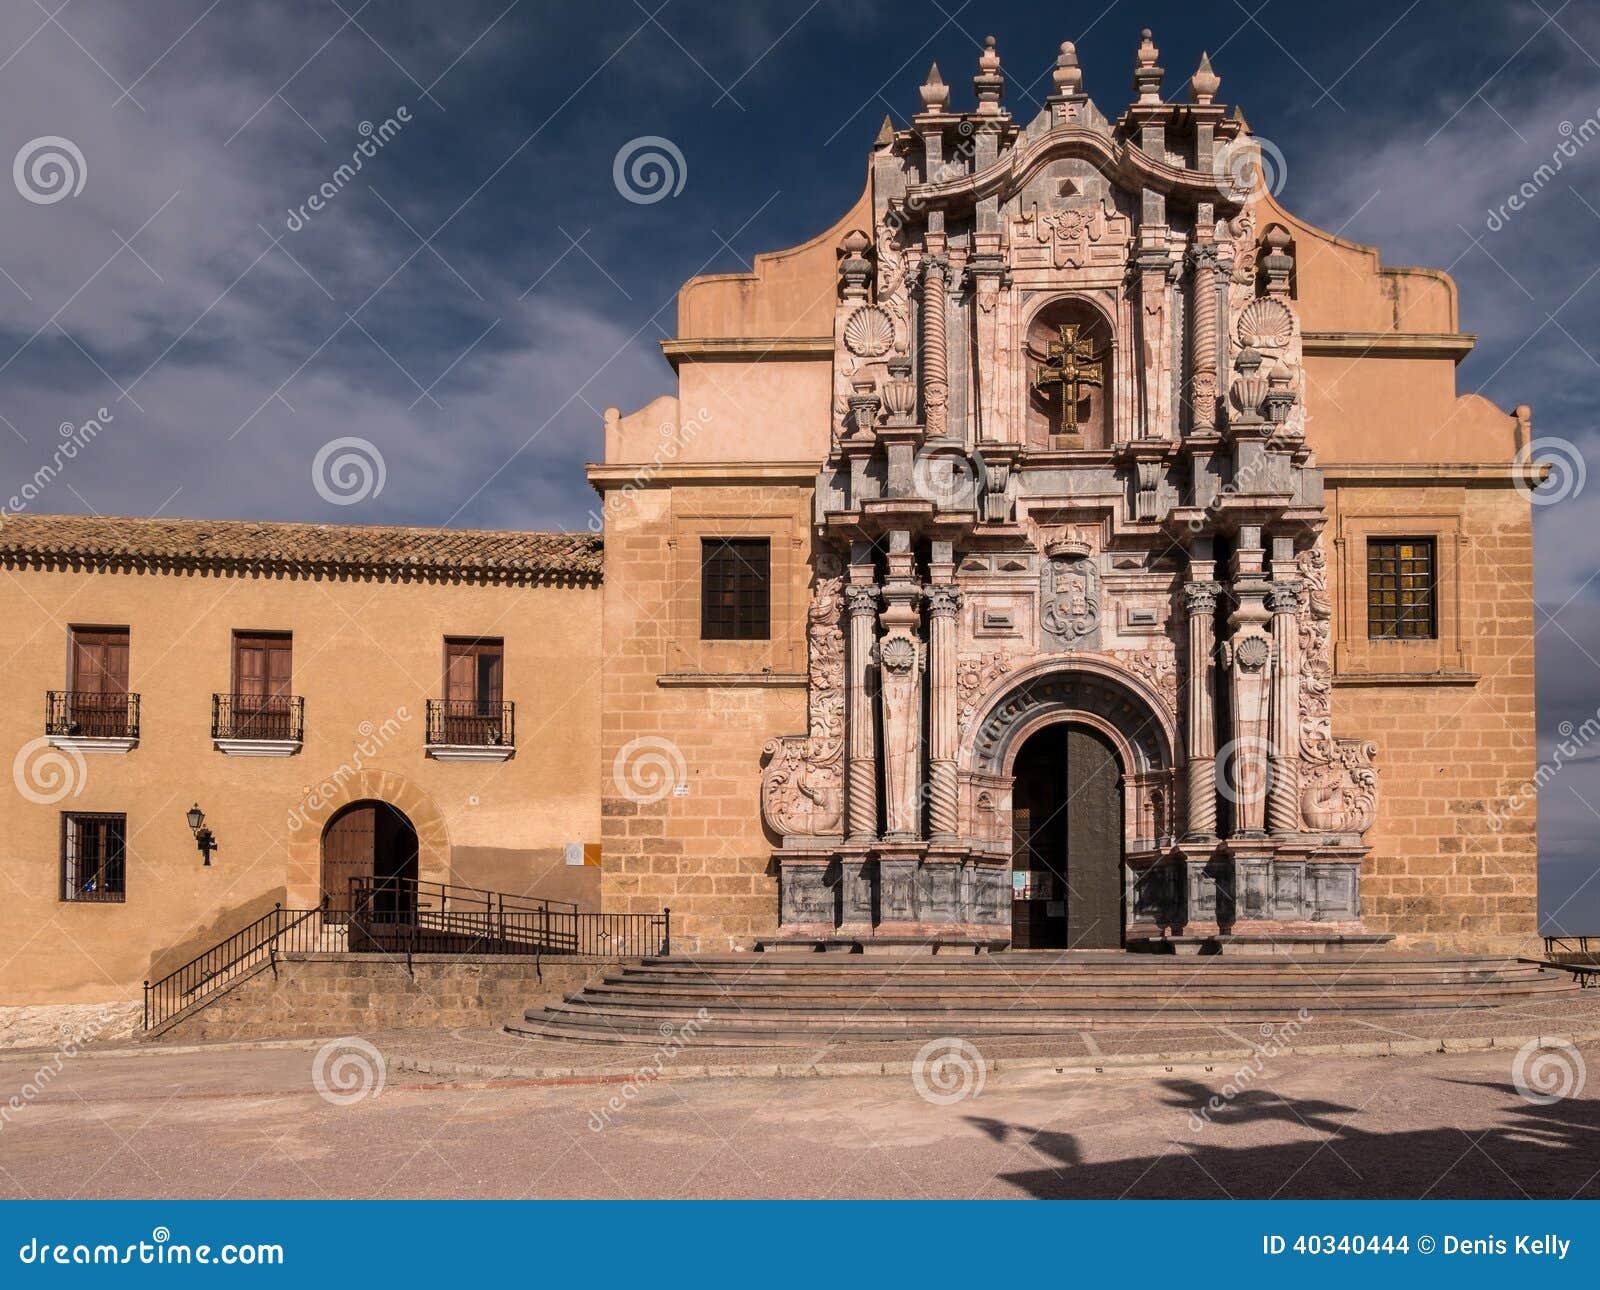 Caravaca de la Cruz, Spain